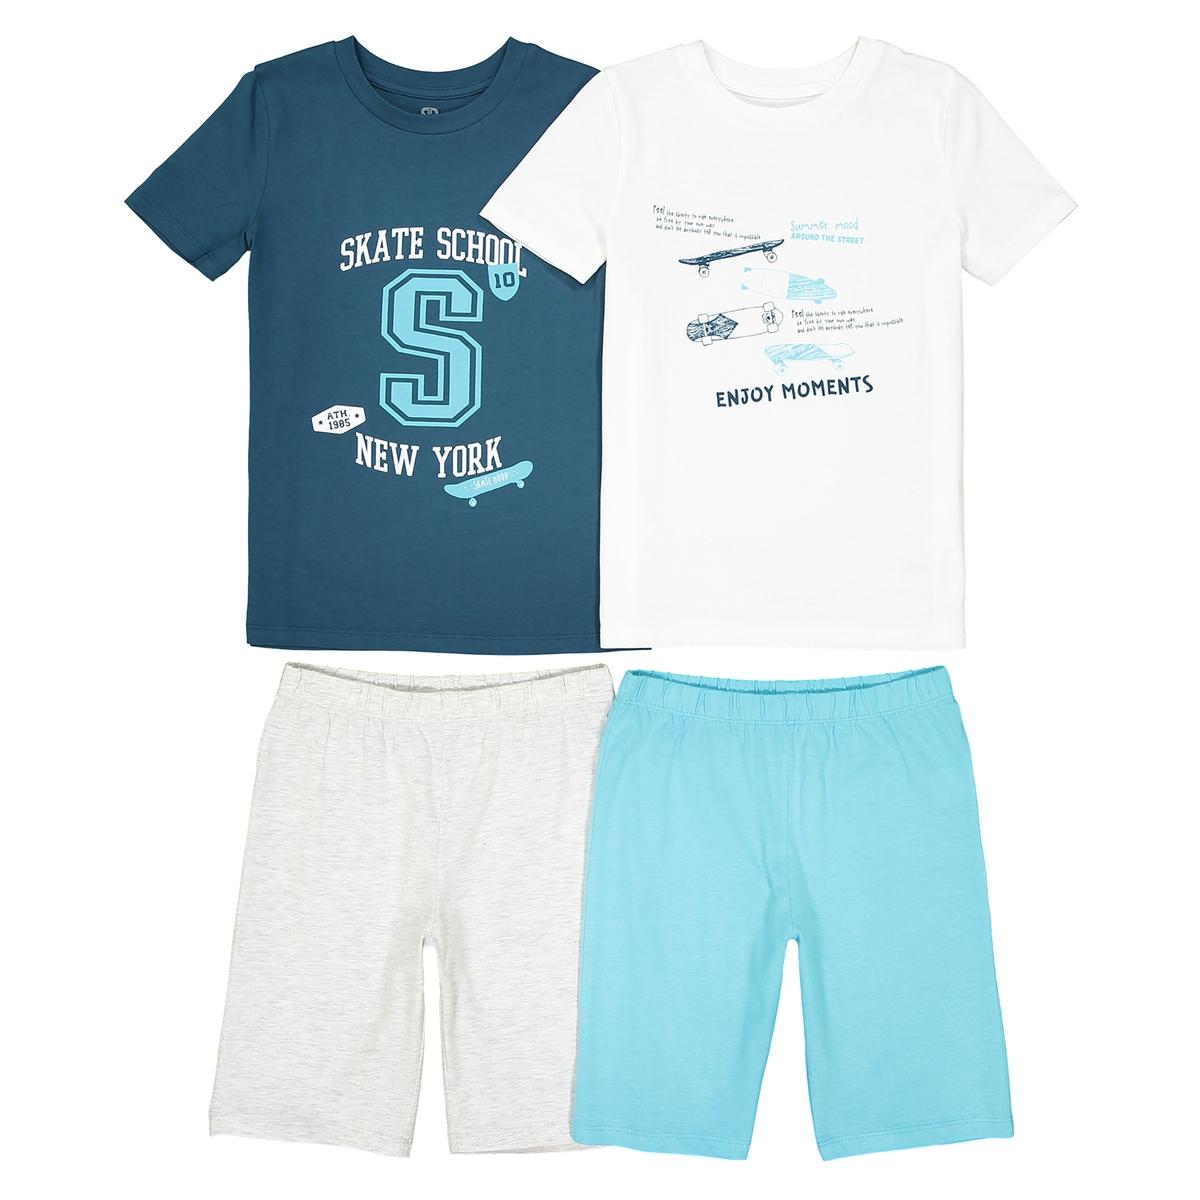 Пижама с шортами 3-12 лет (комплект из 2 изделий)